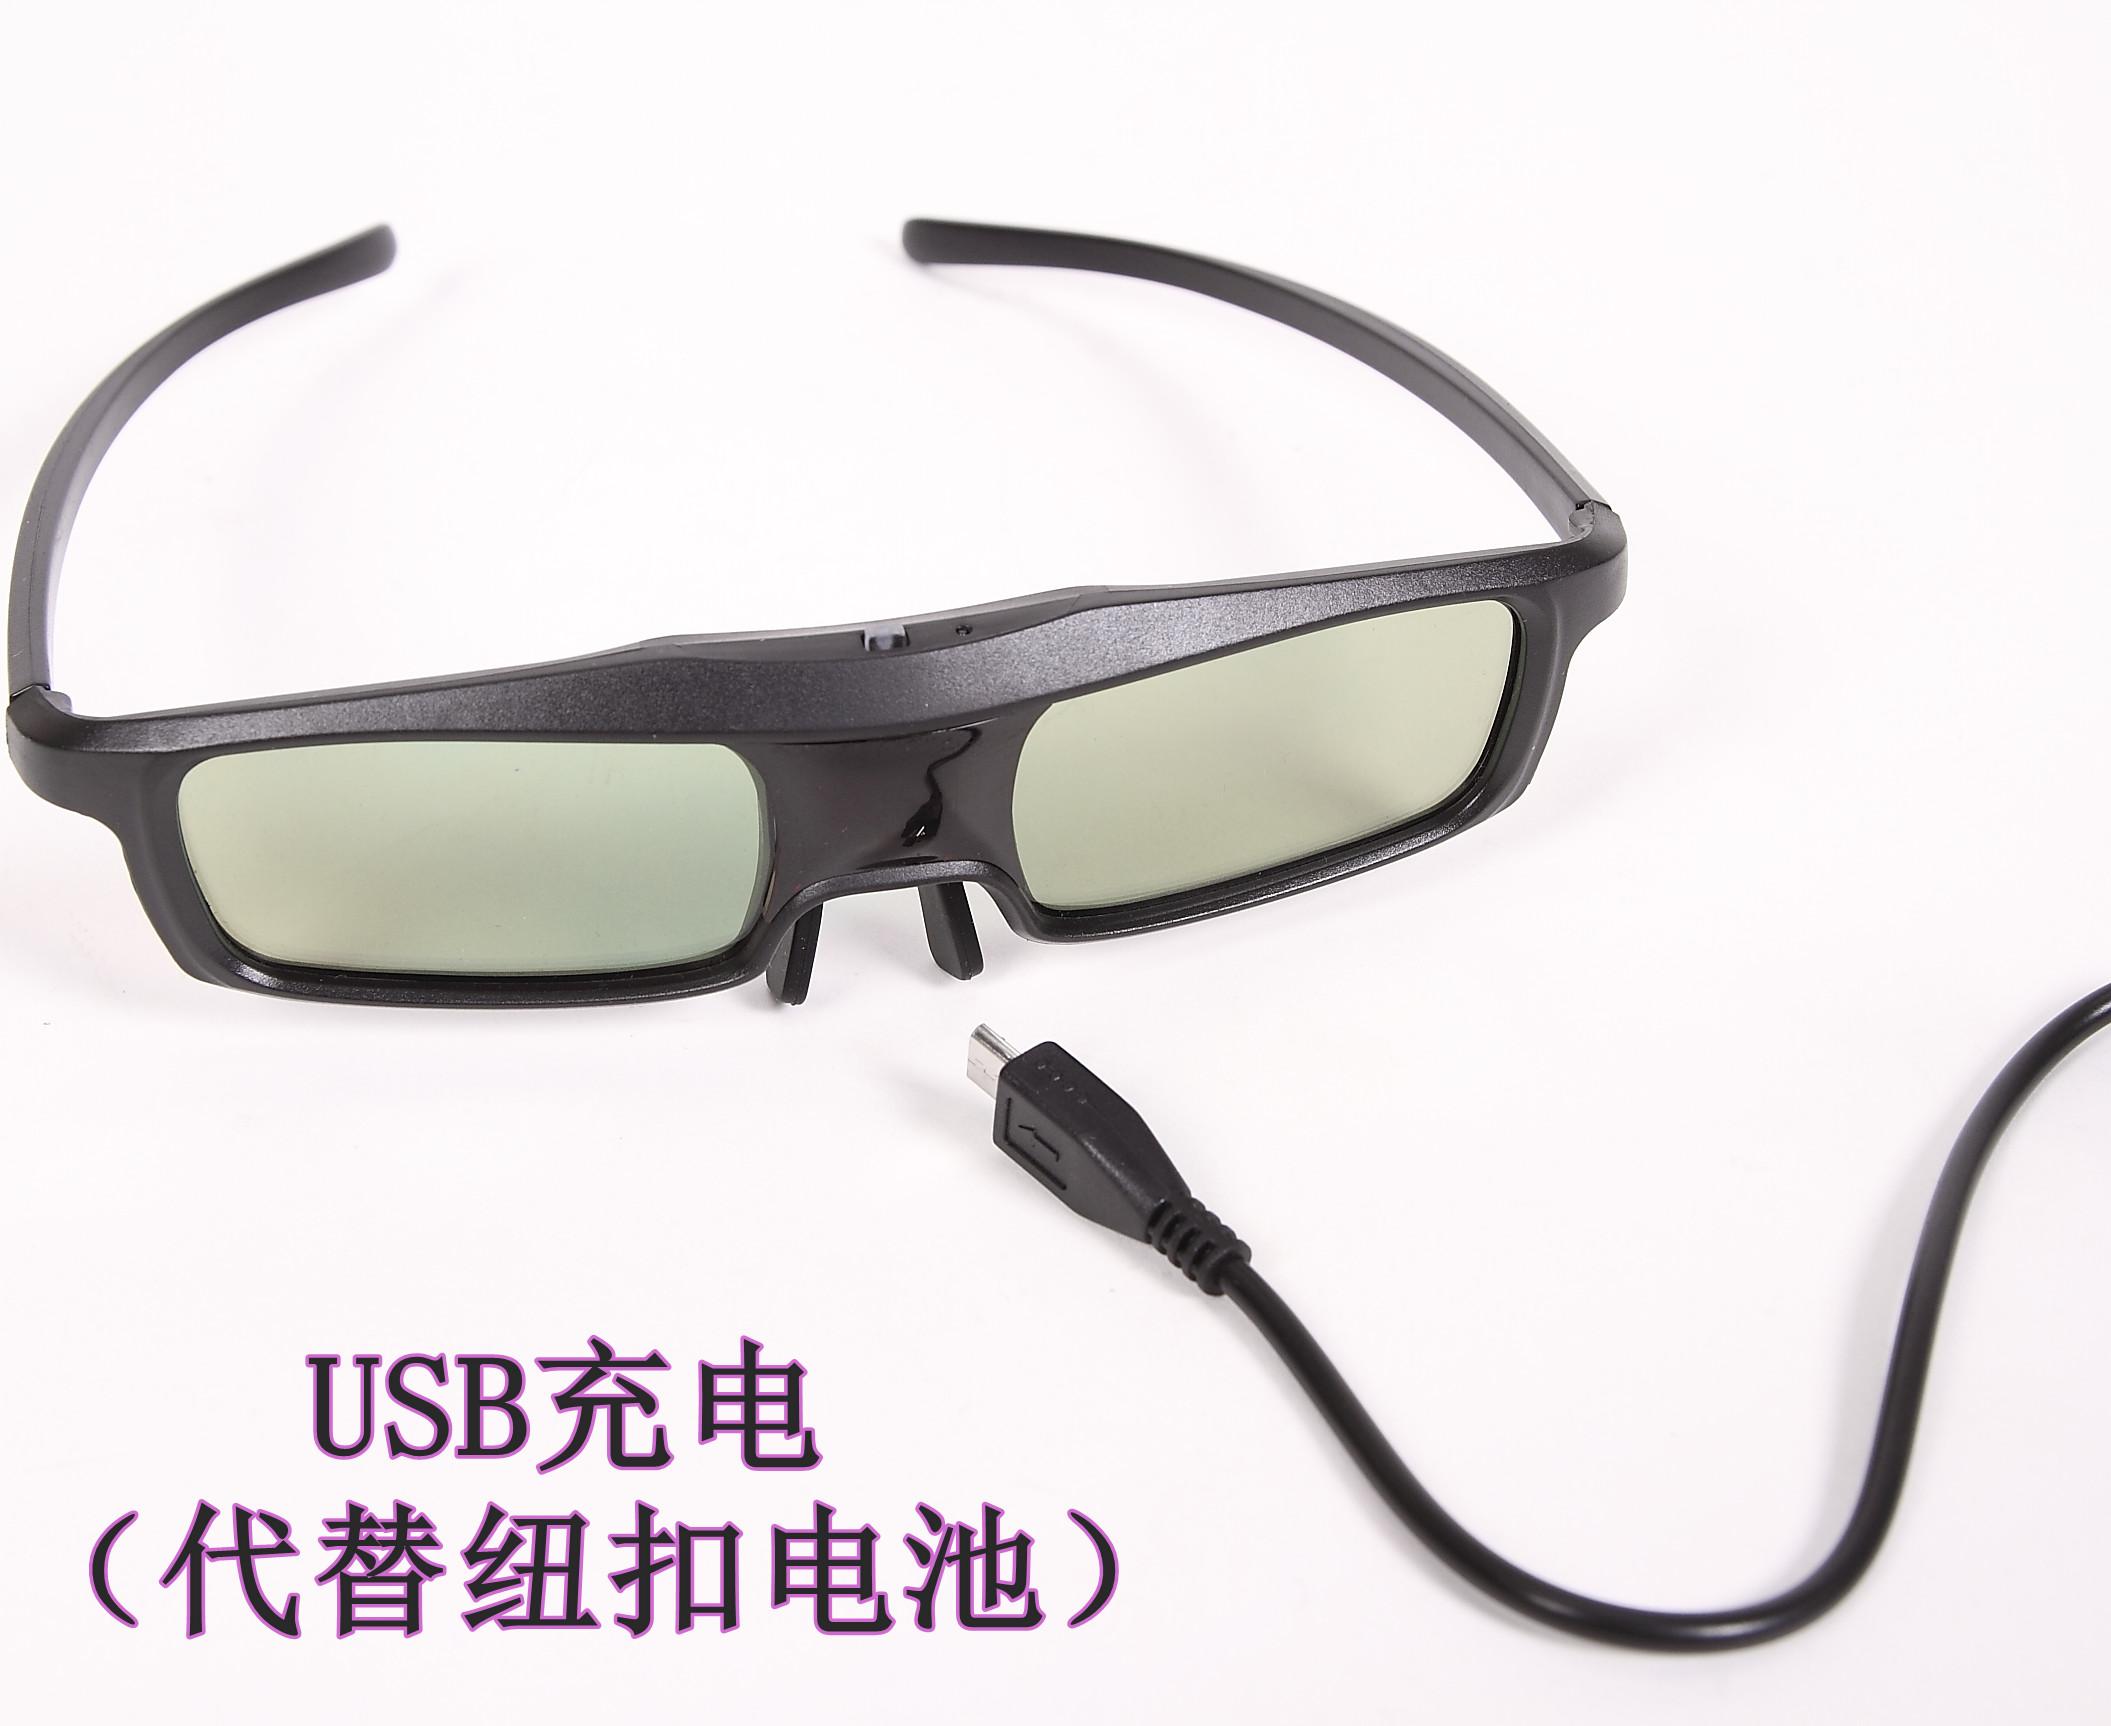 康佳3d眼镜_康佳双眼镜窗帘_康佳37寸技巧电做通道小液晶图片